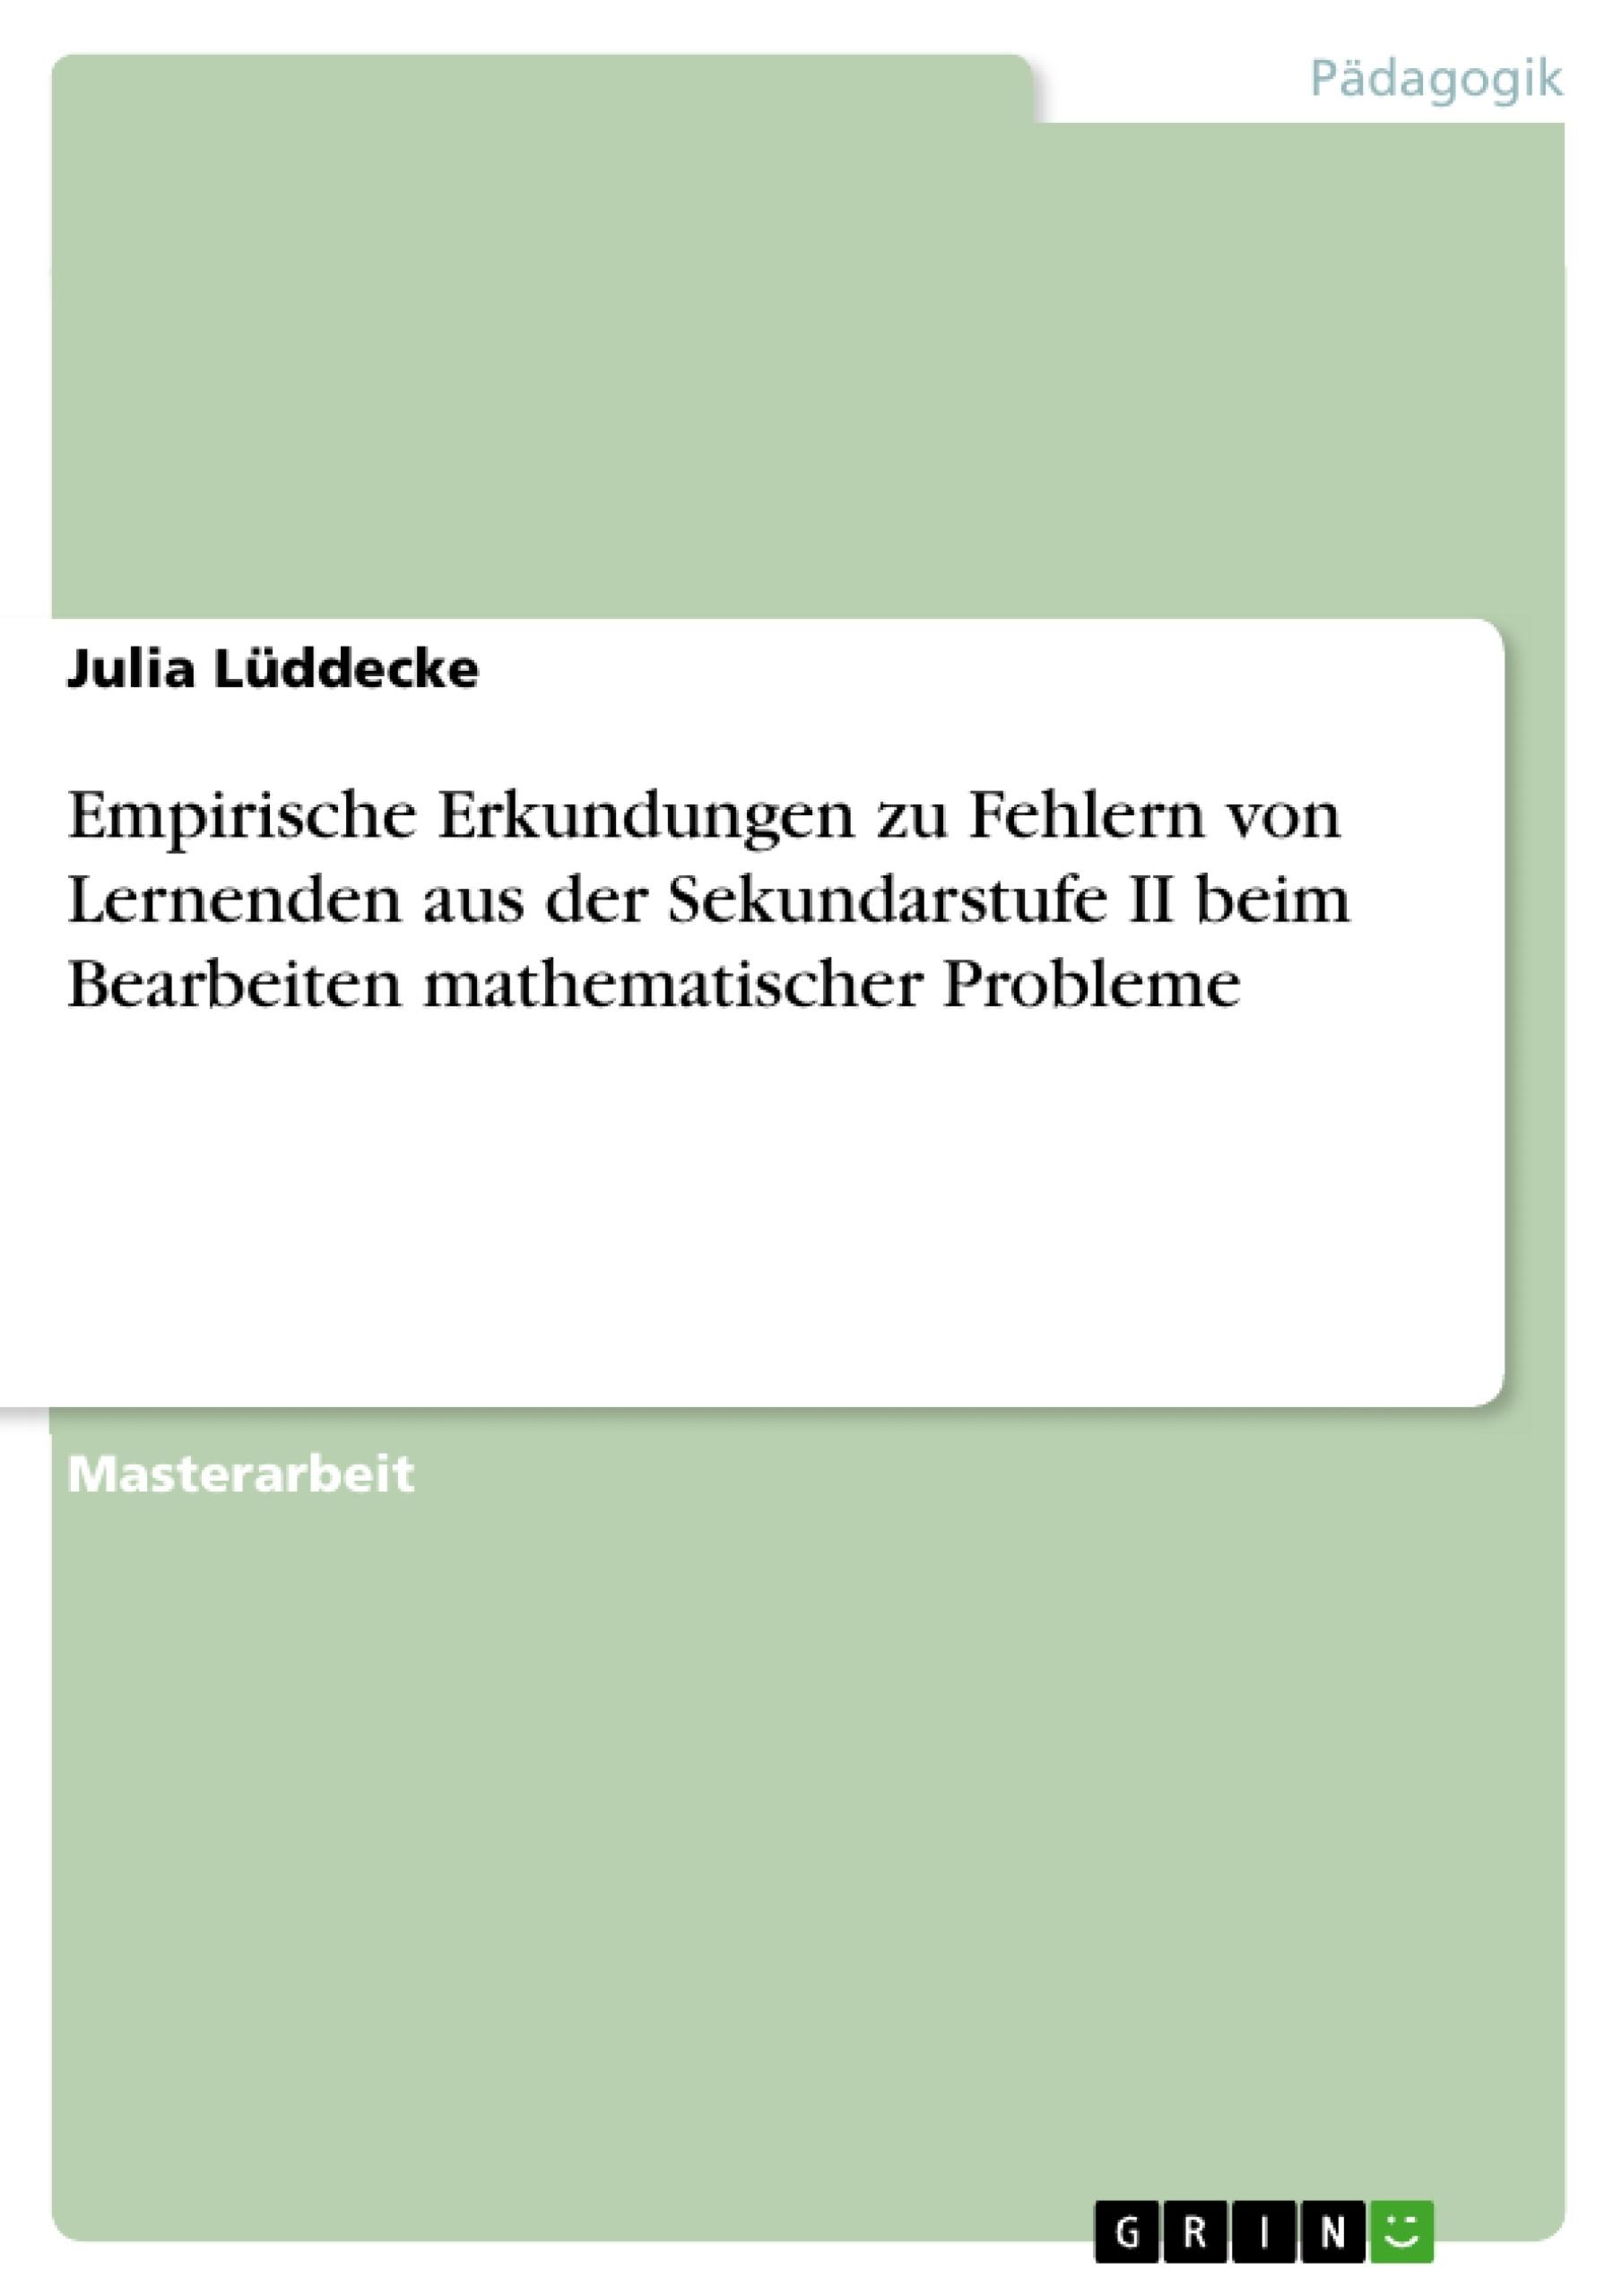 Titel: Empirische Erkundungen zu Fehlern von Lernenden aus der Sekundarstufe II beim Bearbeiten mathematischer Probleme